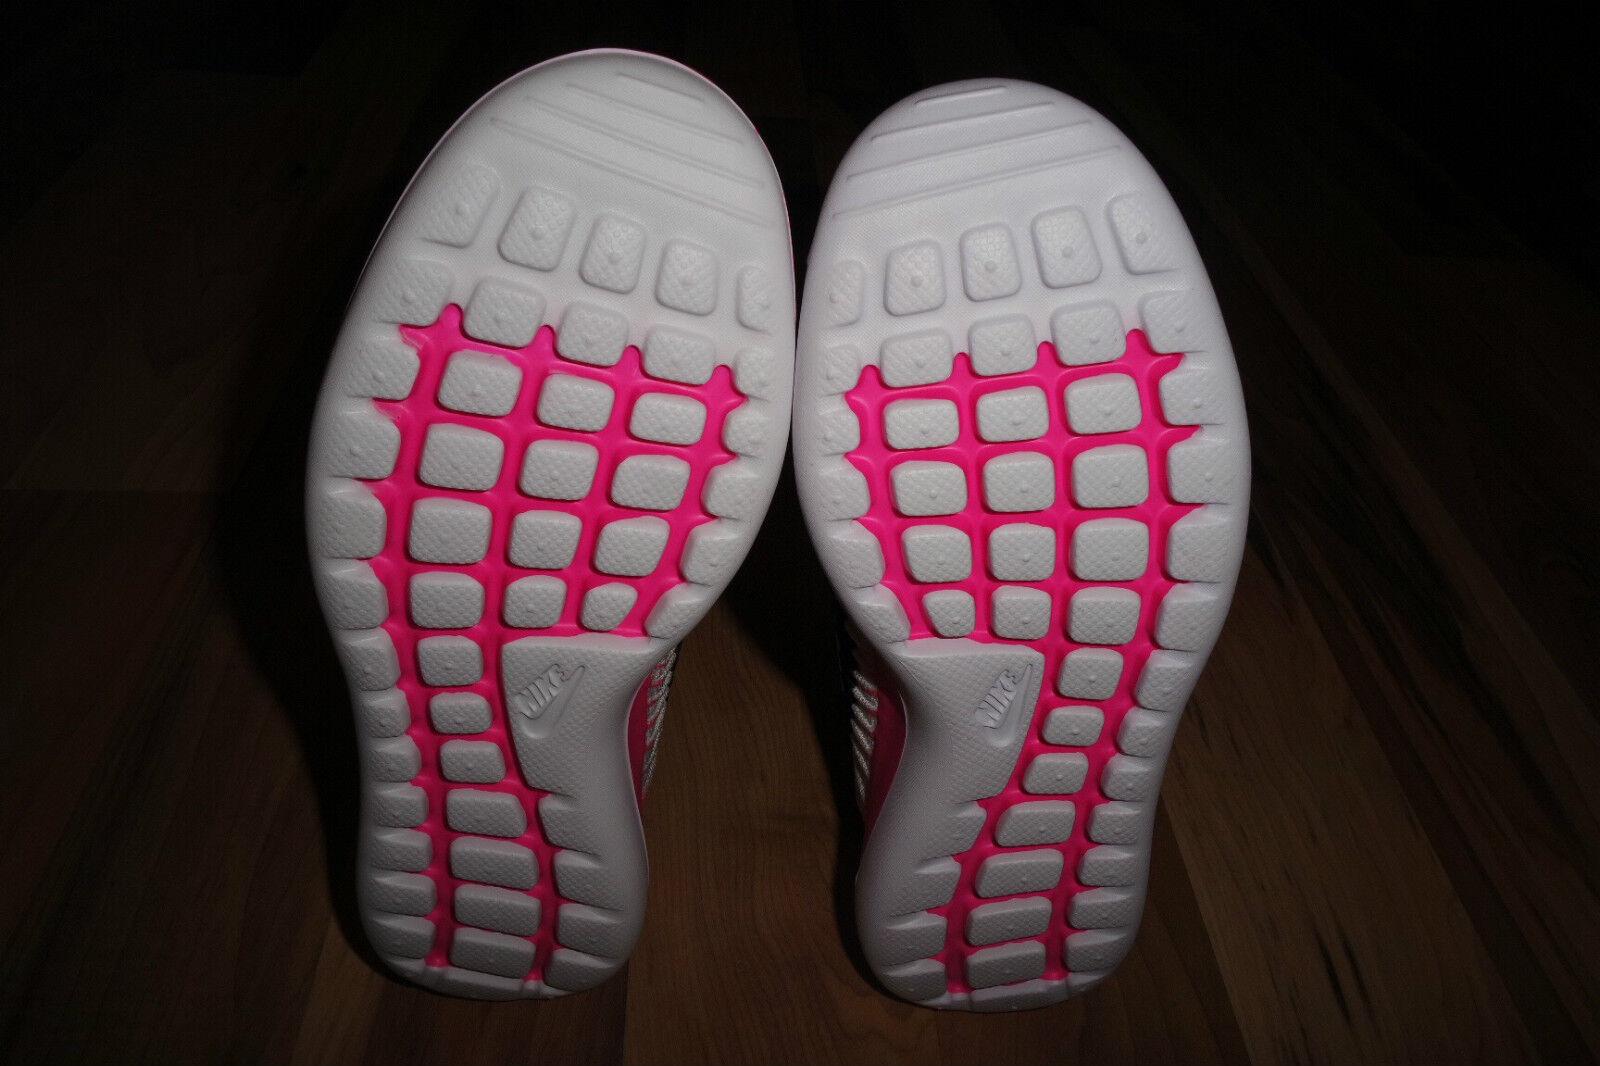 Nike roshe entrenamiento para mujer 844620 600 entrenamiento roshe dos Flyknit GS rosado 5Y UE 37.5, 5.5Y EU 38 daf939